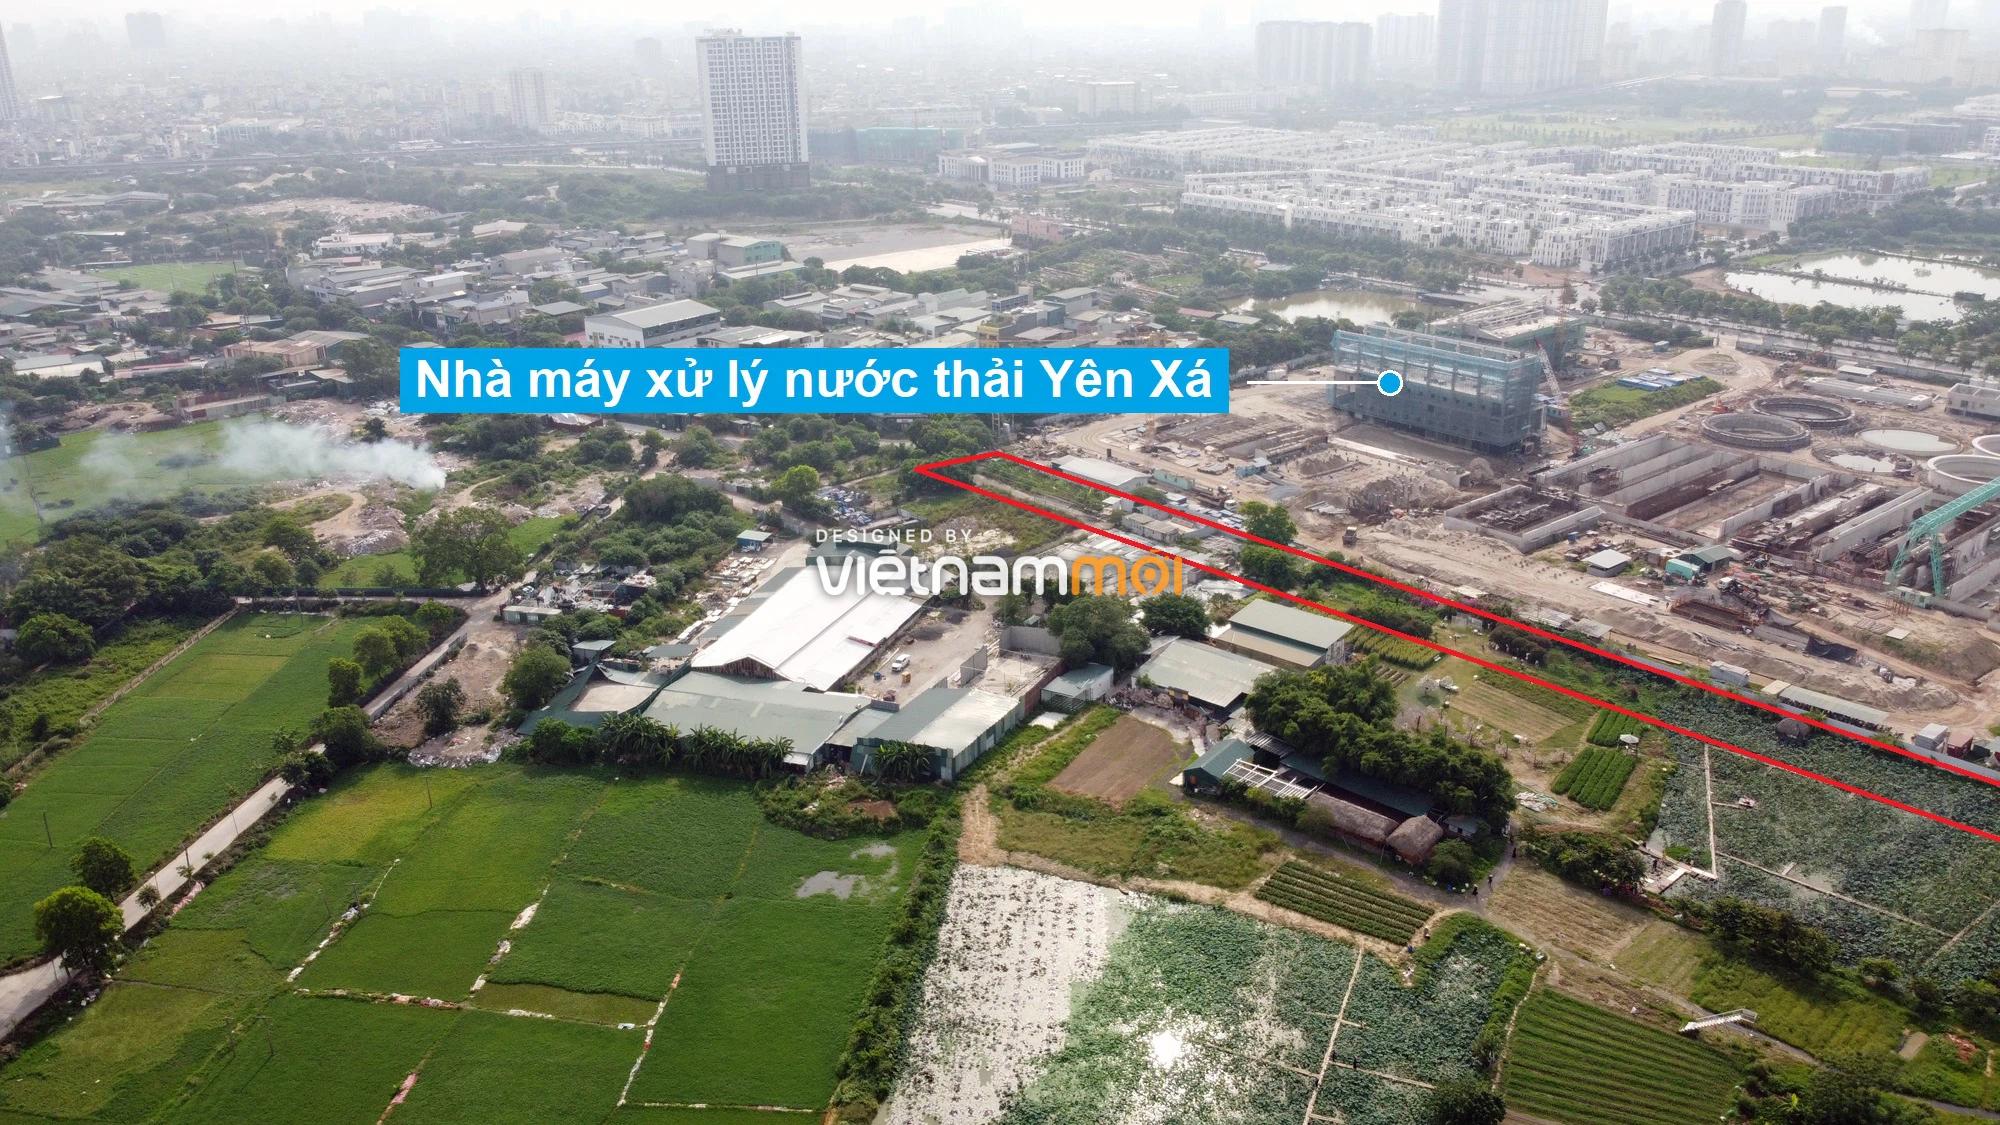 Những khu đất sắp thu hồi để mở đường ở xã Tân Triều, Thanh Trì, Hà Nội (phần 4) - Ảnh 13.